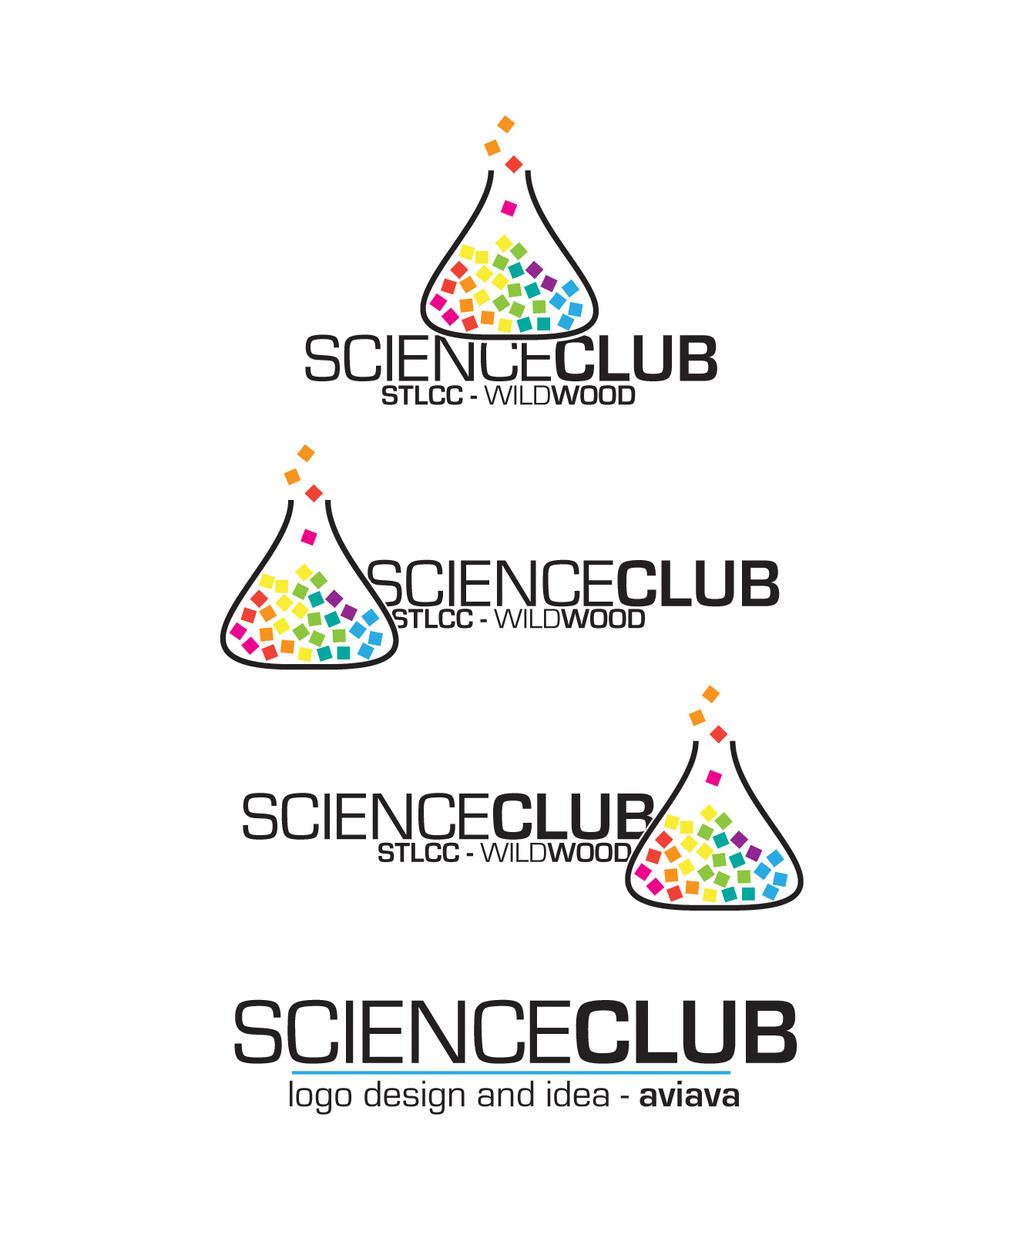 Science Club logo by aviava